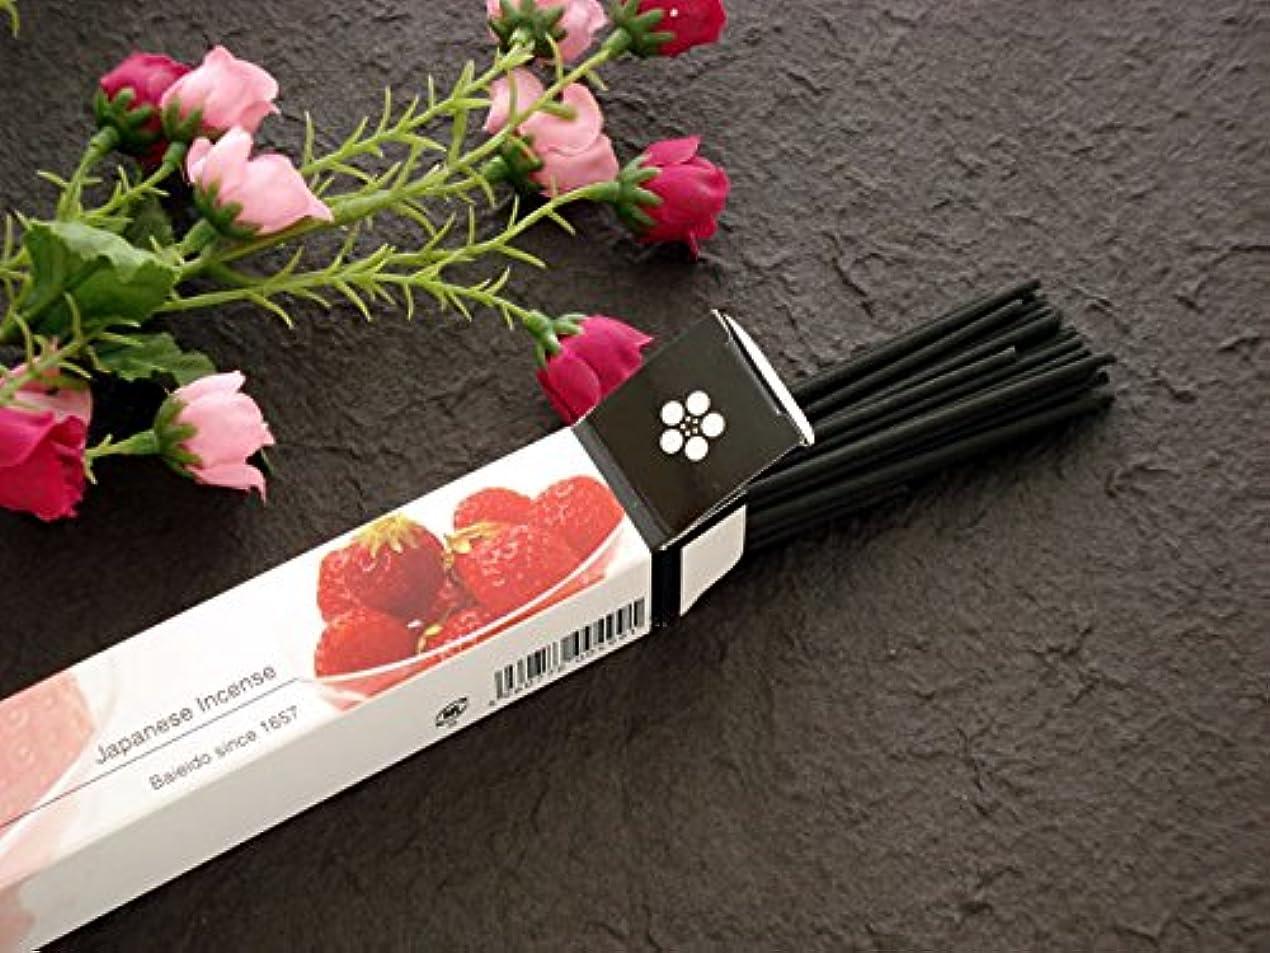 カウンターパート必須外国人梅栄堂のお香 strawberry (イチゴの香り)